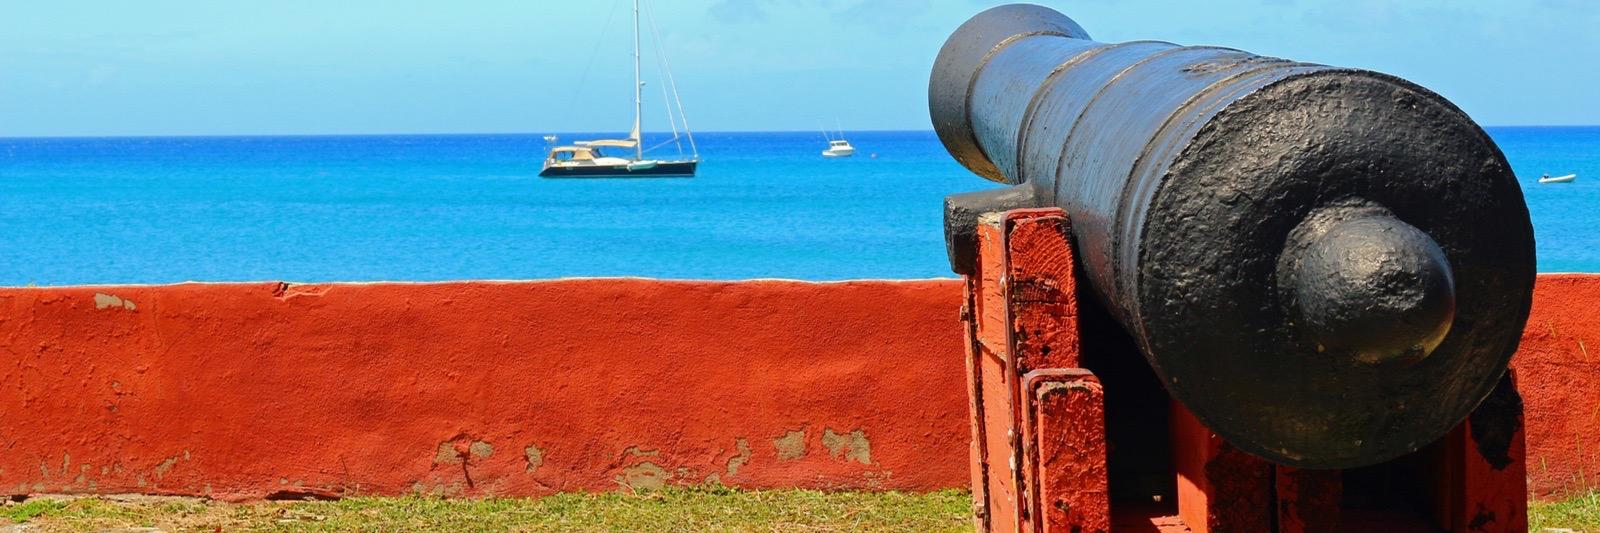 Sevärdheter i US Virgin Islands